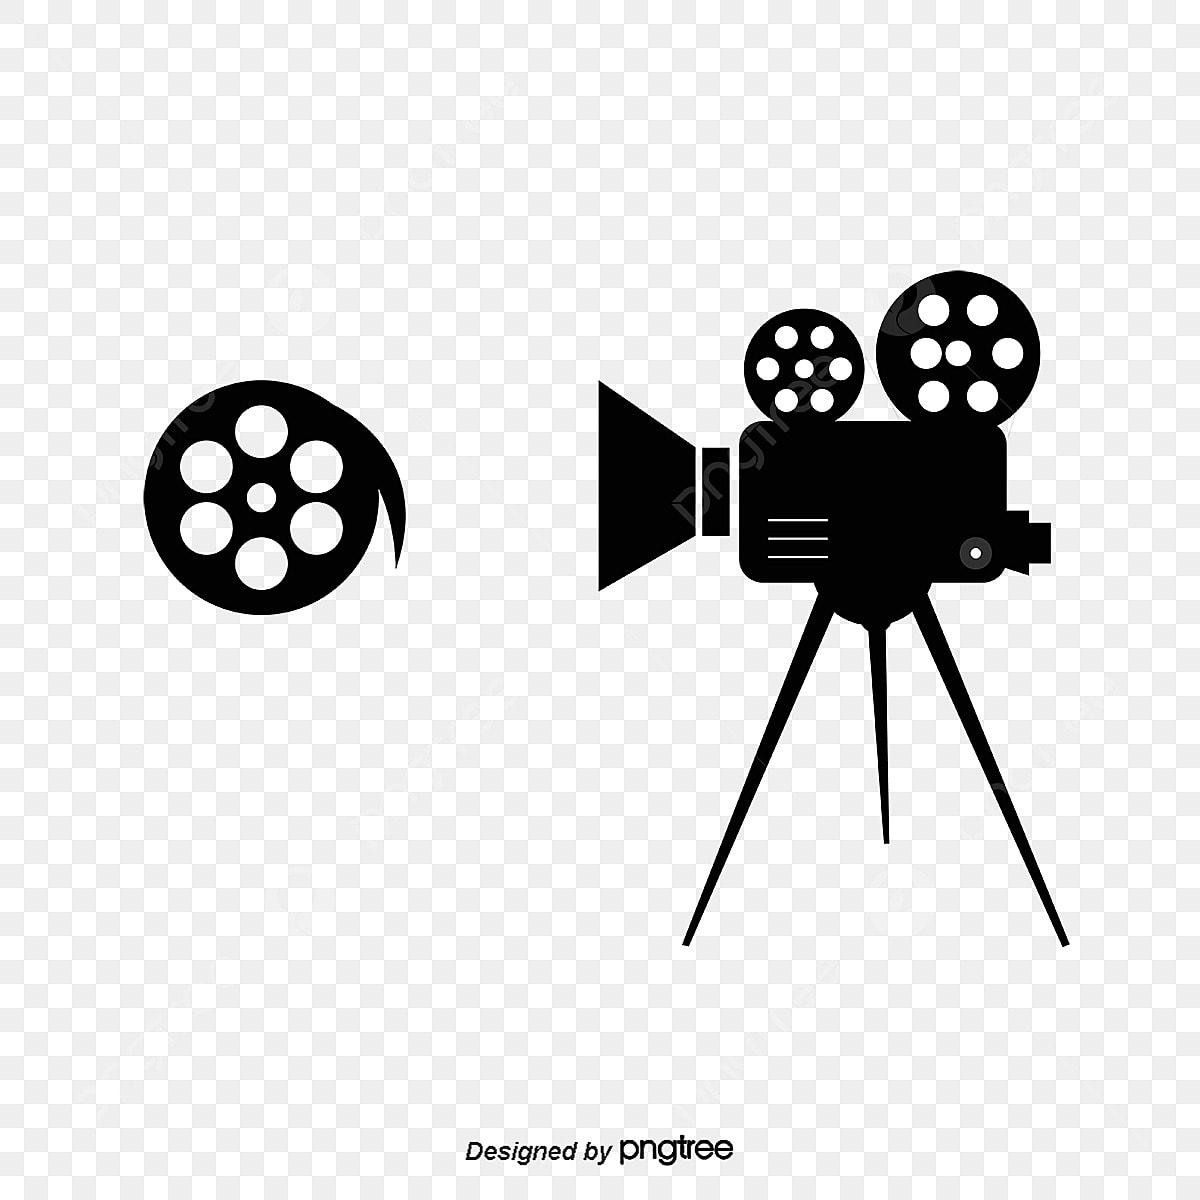 Camera Film Camera Vector Film Vector Camera Png And Vector